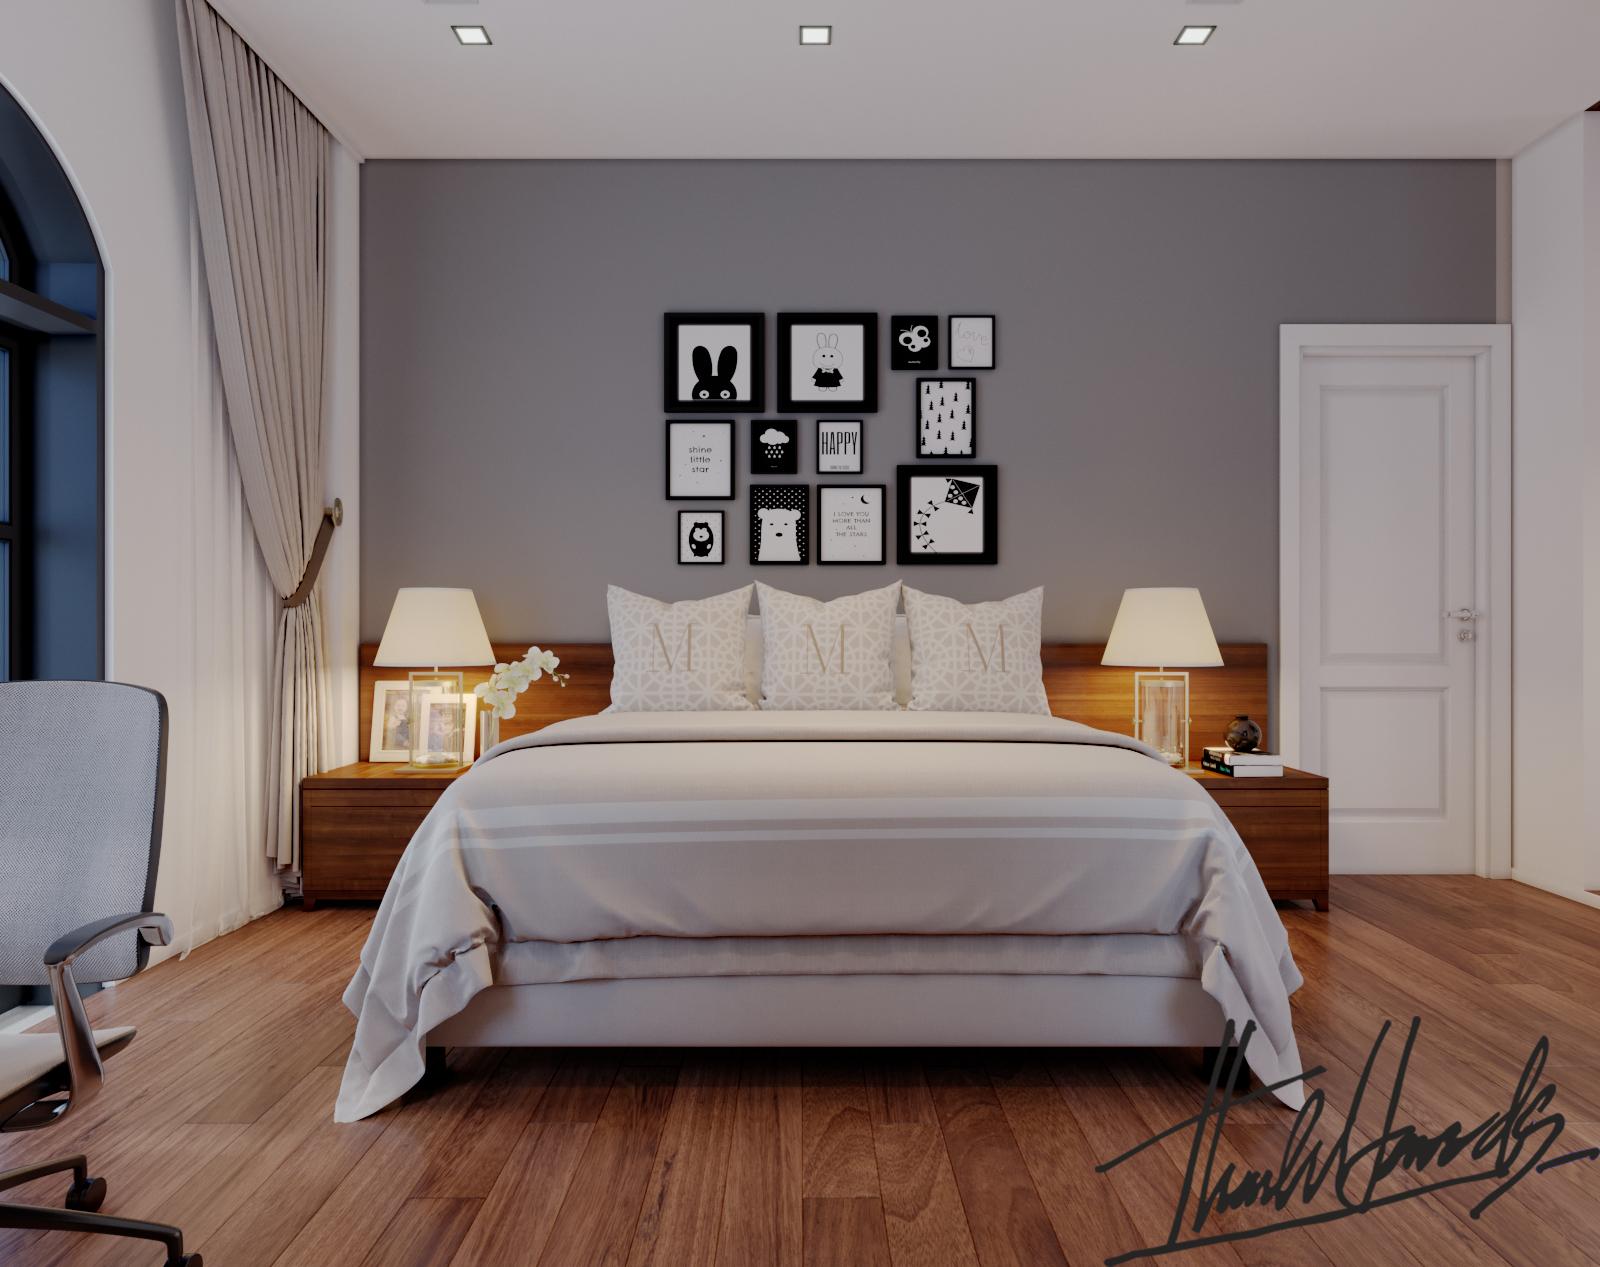 thiết kế nội thất Biệt Thự tại Hải Phòng Biệt thự Vinhomes - imperia ( khu VEN) 27 1568278780